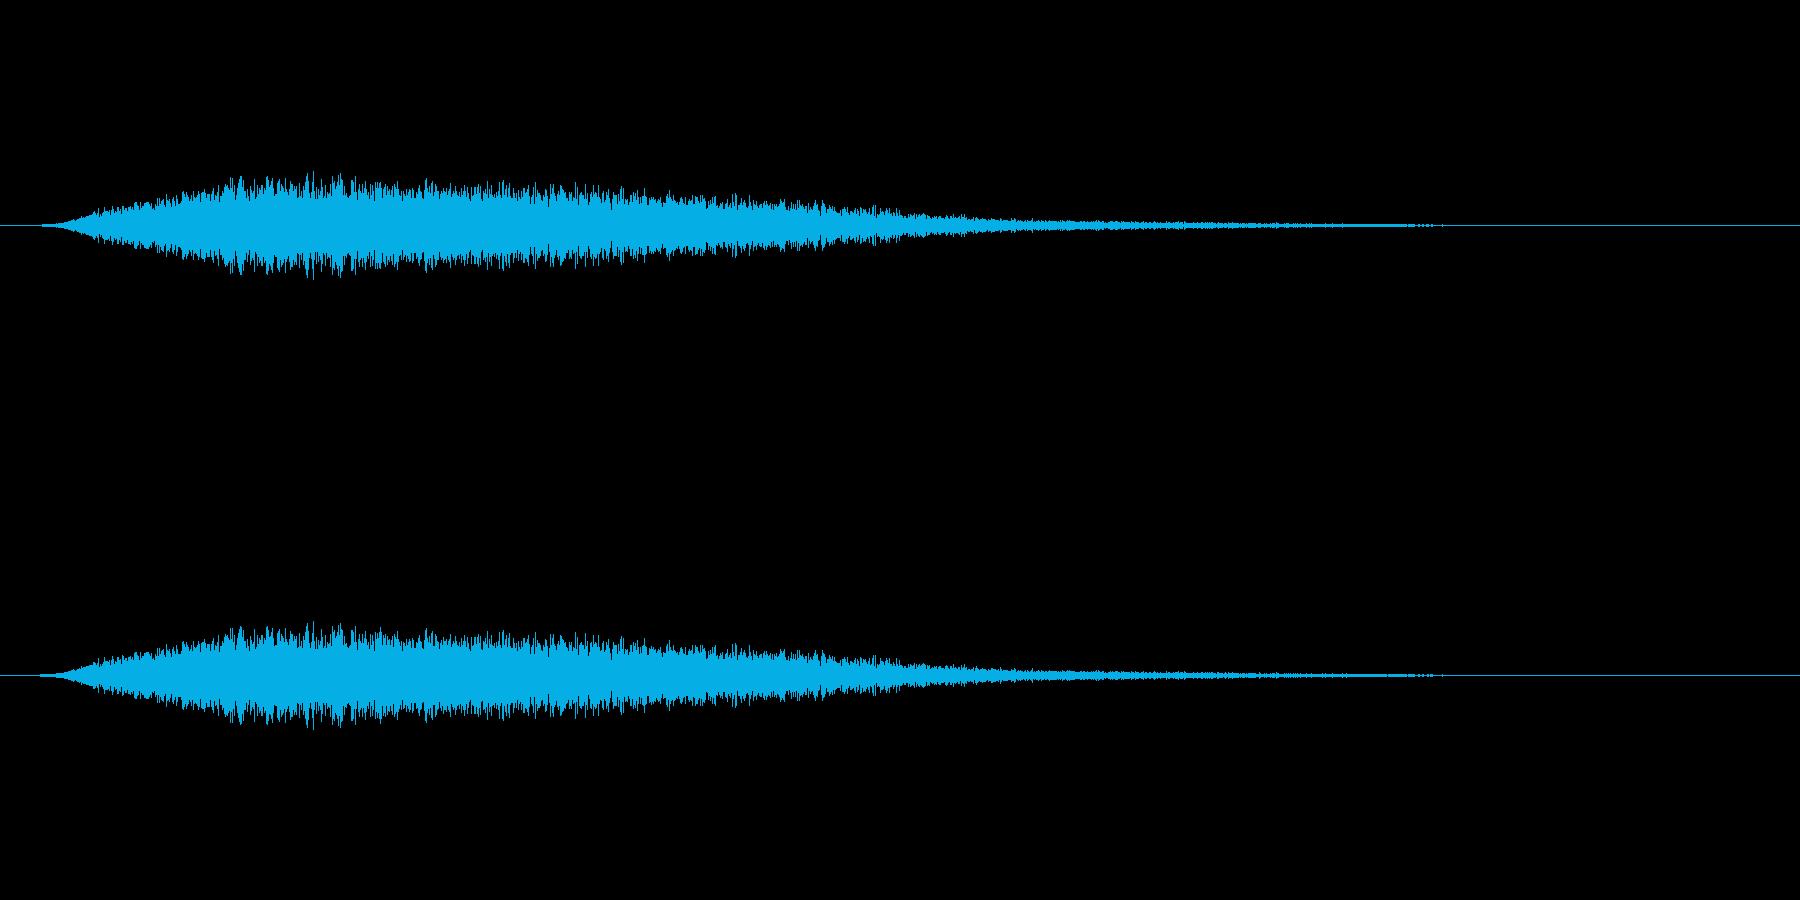 【風 合成02-2】の再生済みの波形